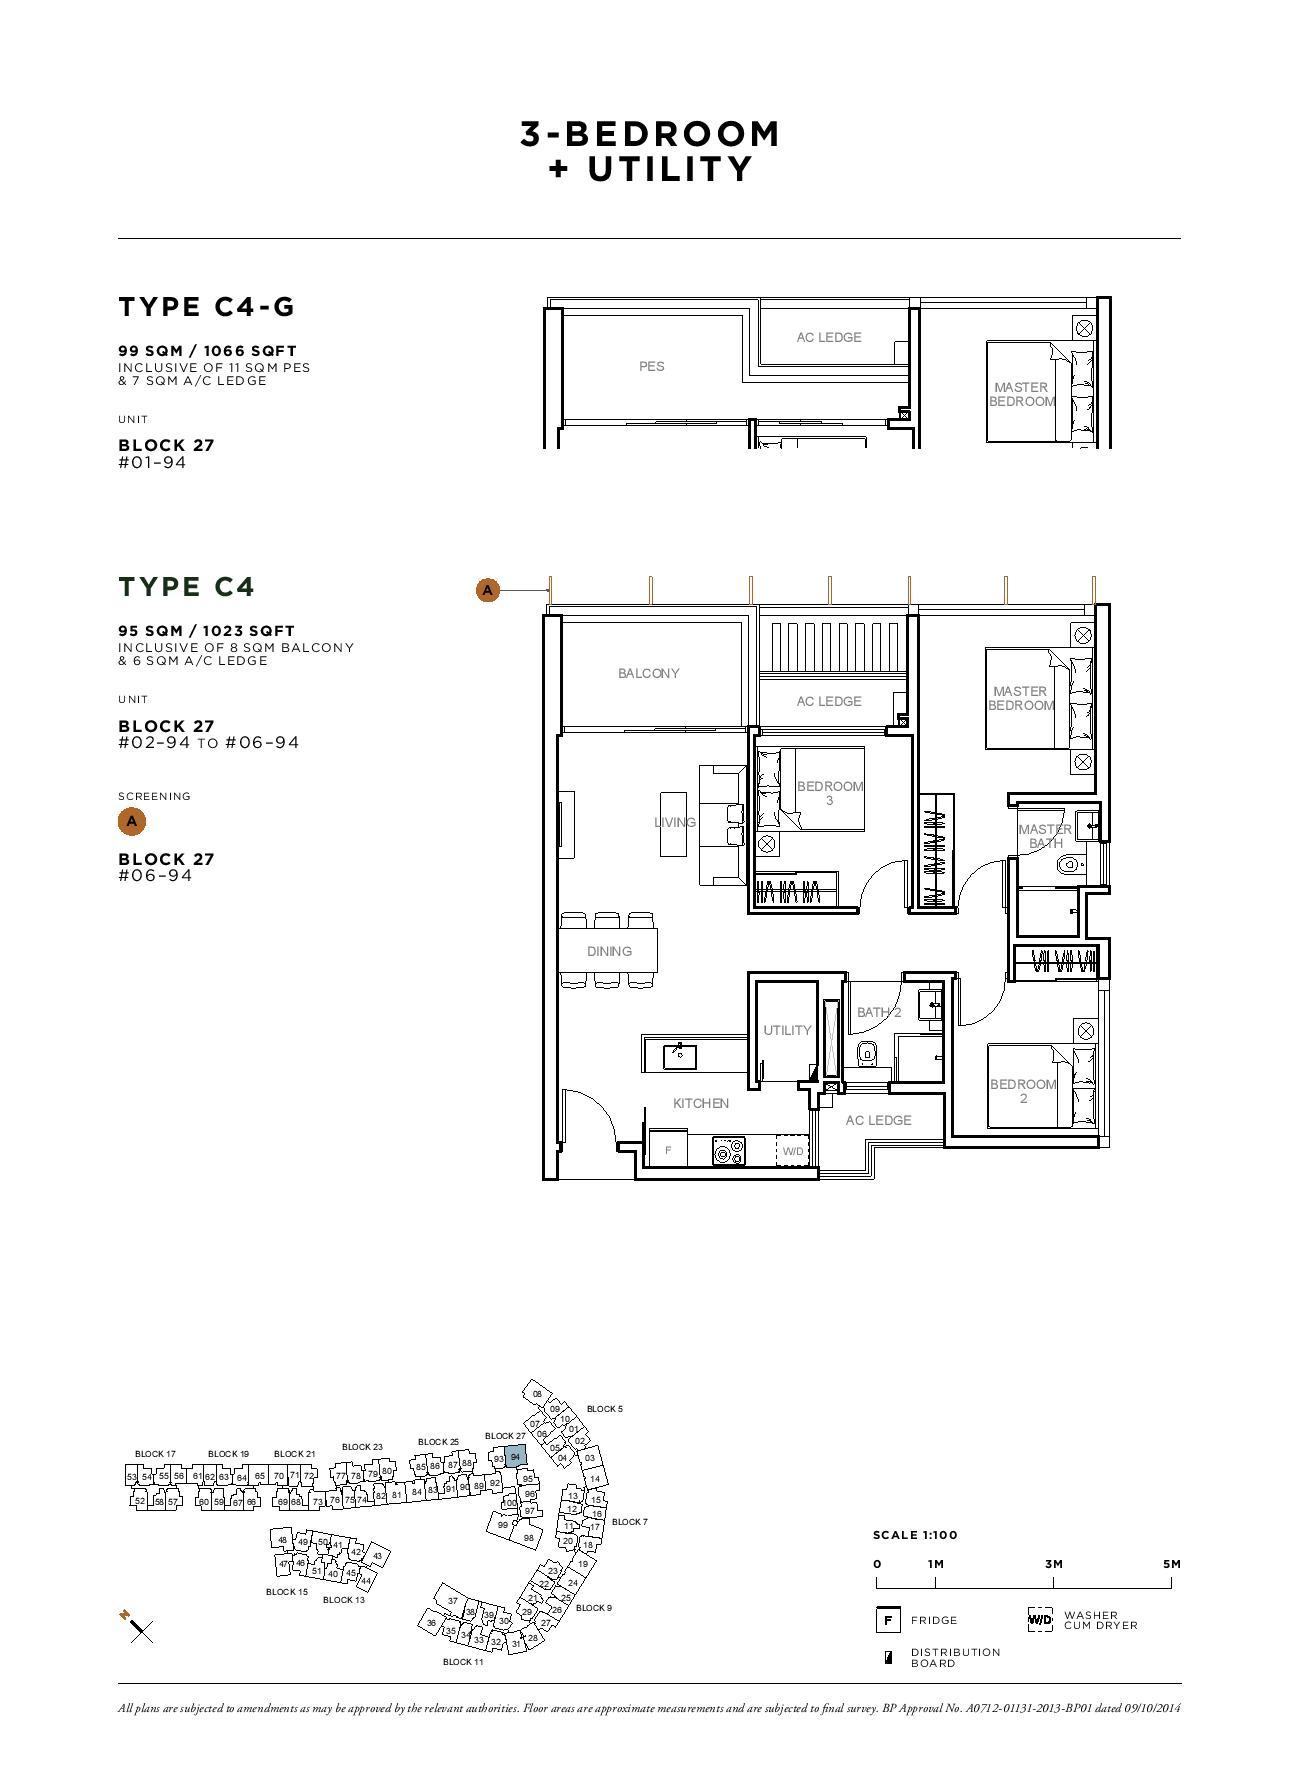 Sophia Hills 3 Bedroom + Utility Type C4-G Floor Plans